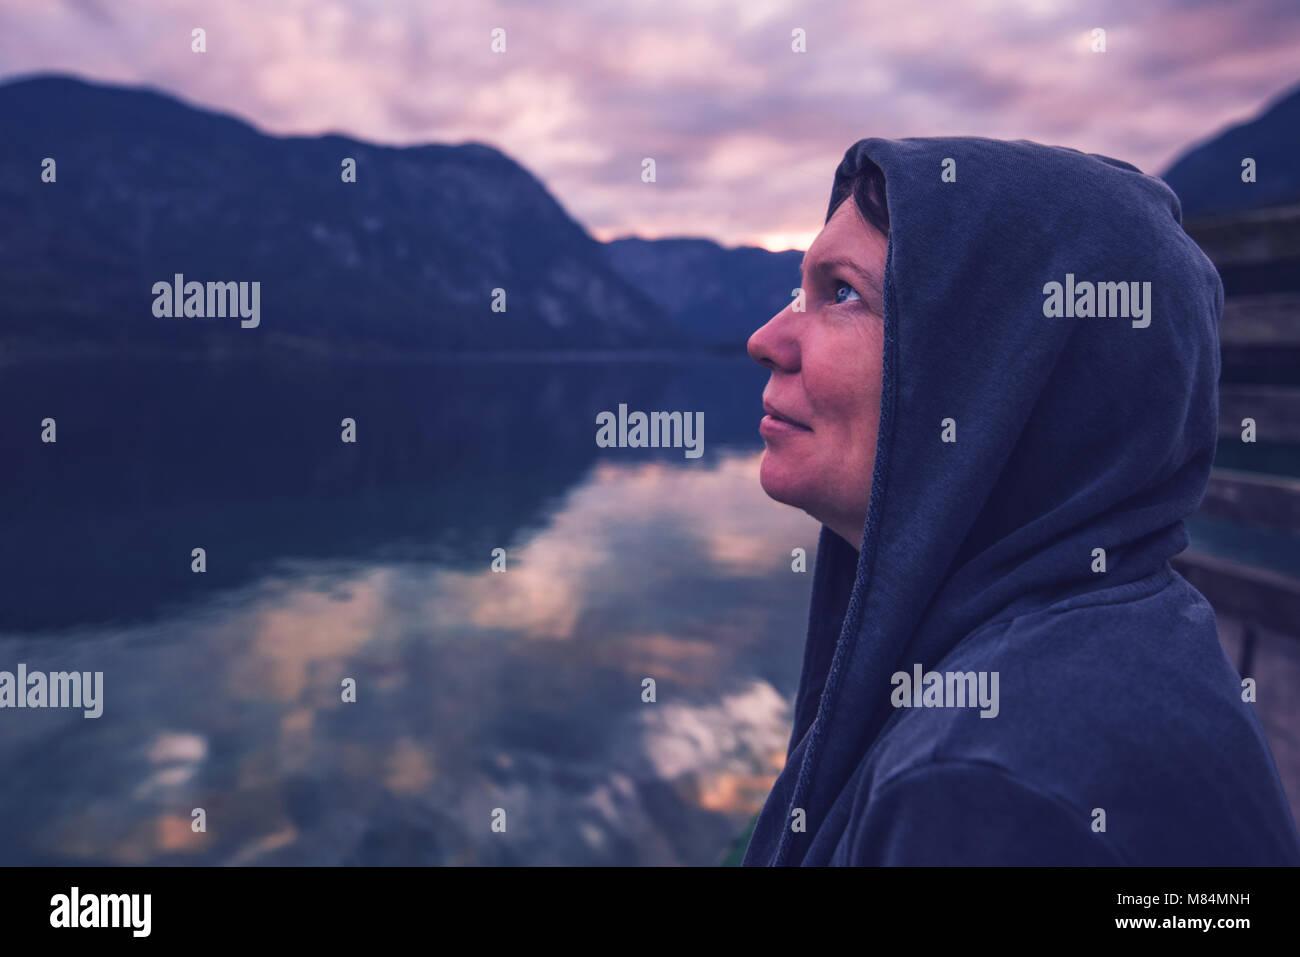 Einsame Frau in dramatischen Himmel suchen. Weibliche Person in Hoodie allein am See stehen, Ultra Violet Schatten Stockbild